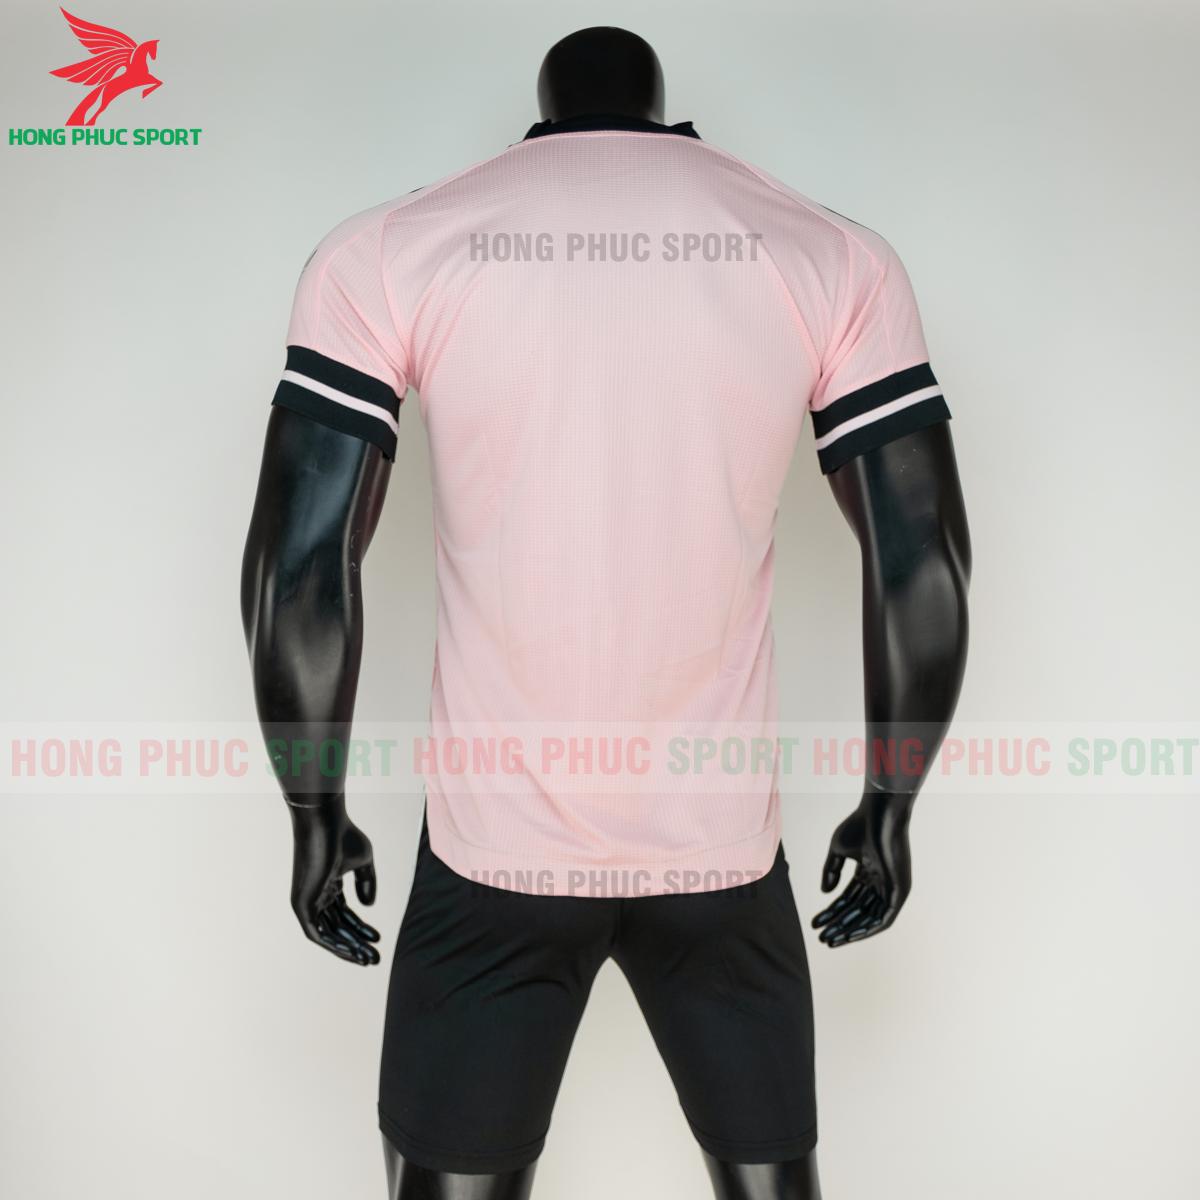 Áo đá banh không logo Condivo ba lá Adidas 2020 2021 mẫu 2 (sau)